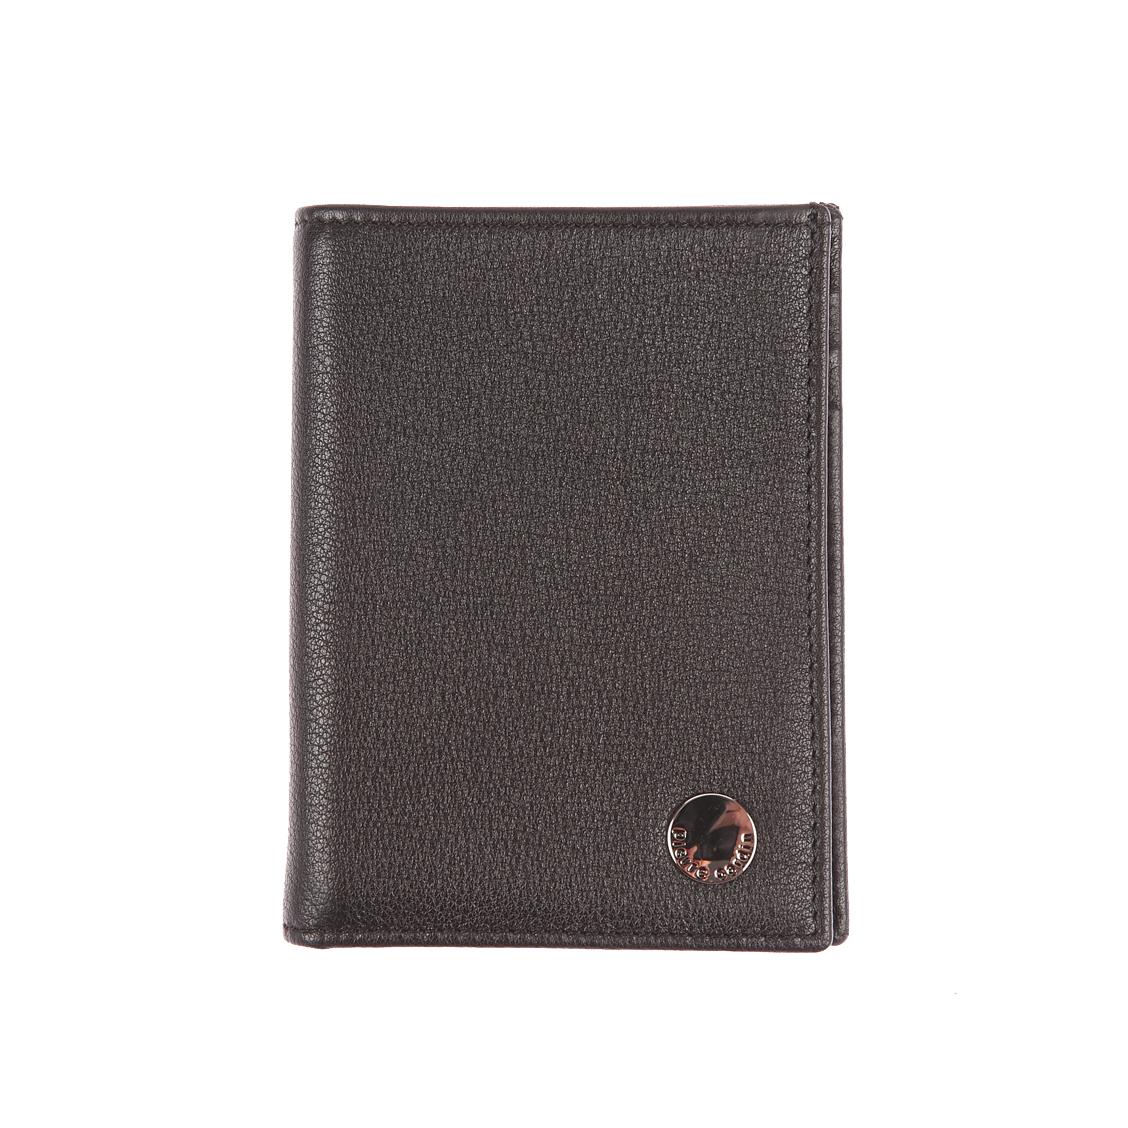 Petit portefeuille européen 2 volets pierre cardin en cuir grainé noir à porte-monnaie zippé